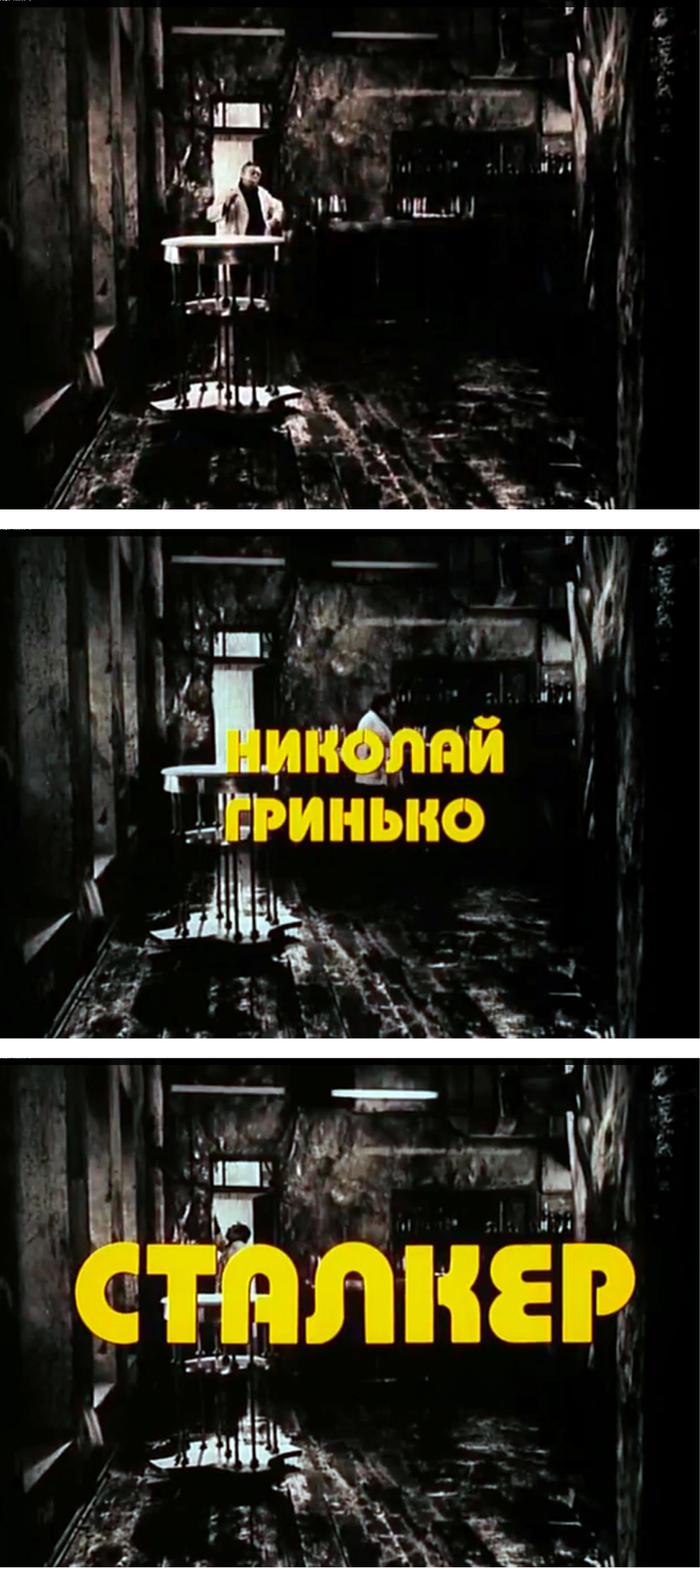 Stalker opening titles 3